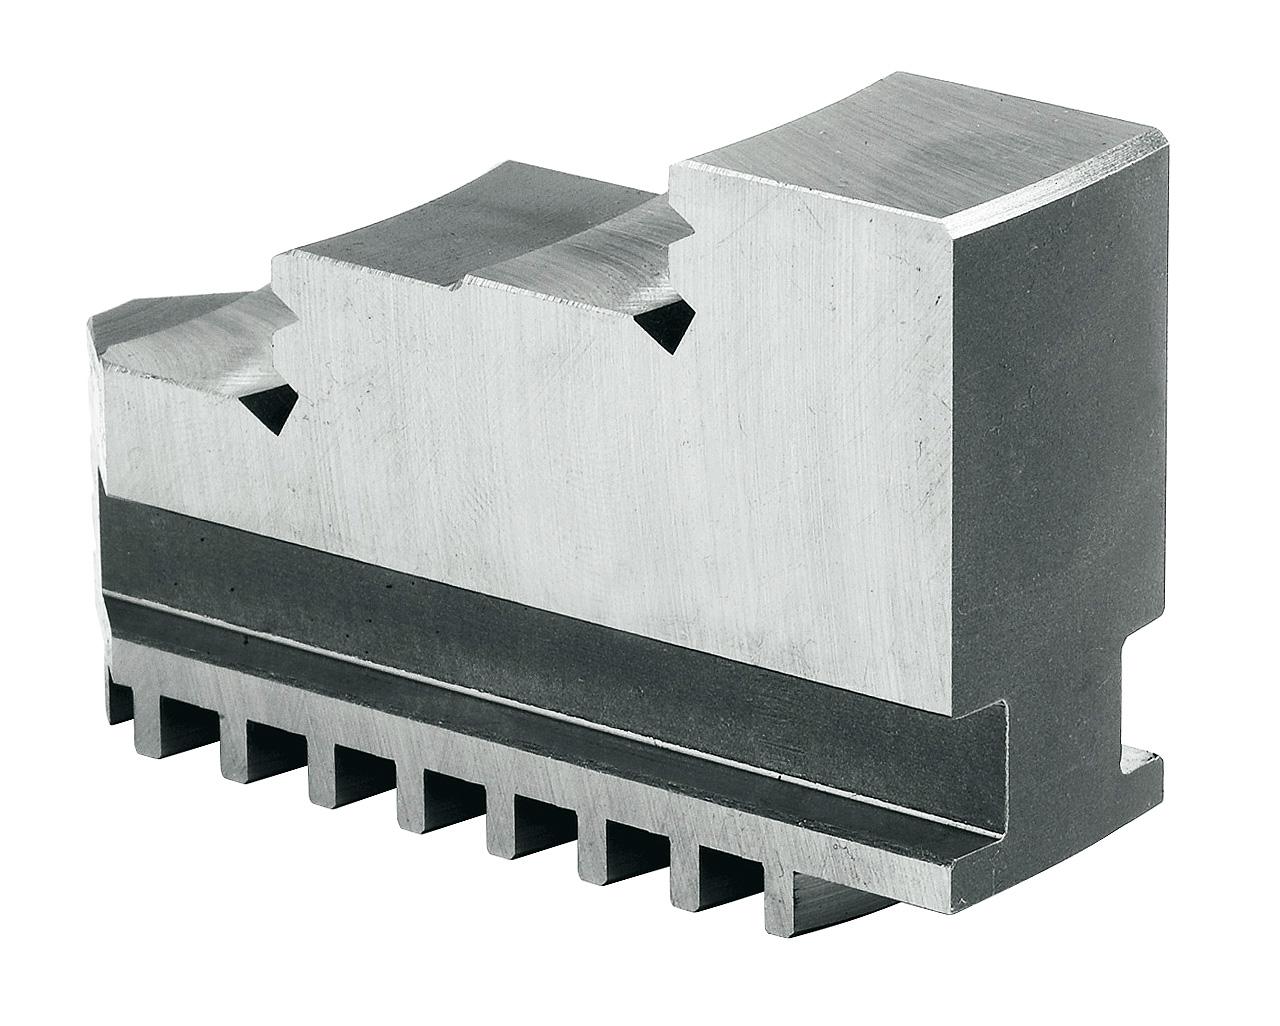 Szczęki jednolite twarde wewnętrzne - komplet IJ-PS3-315 BERNARDO